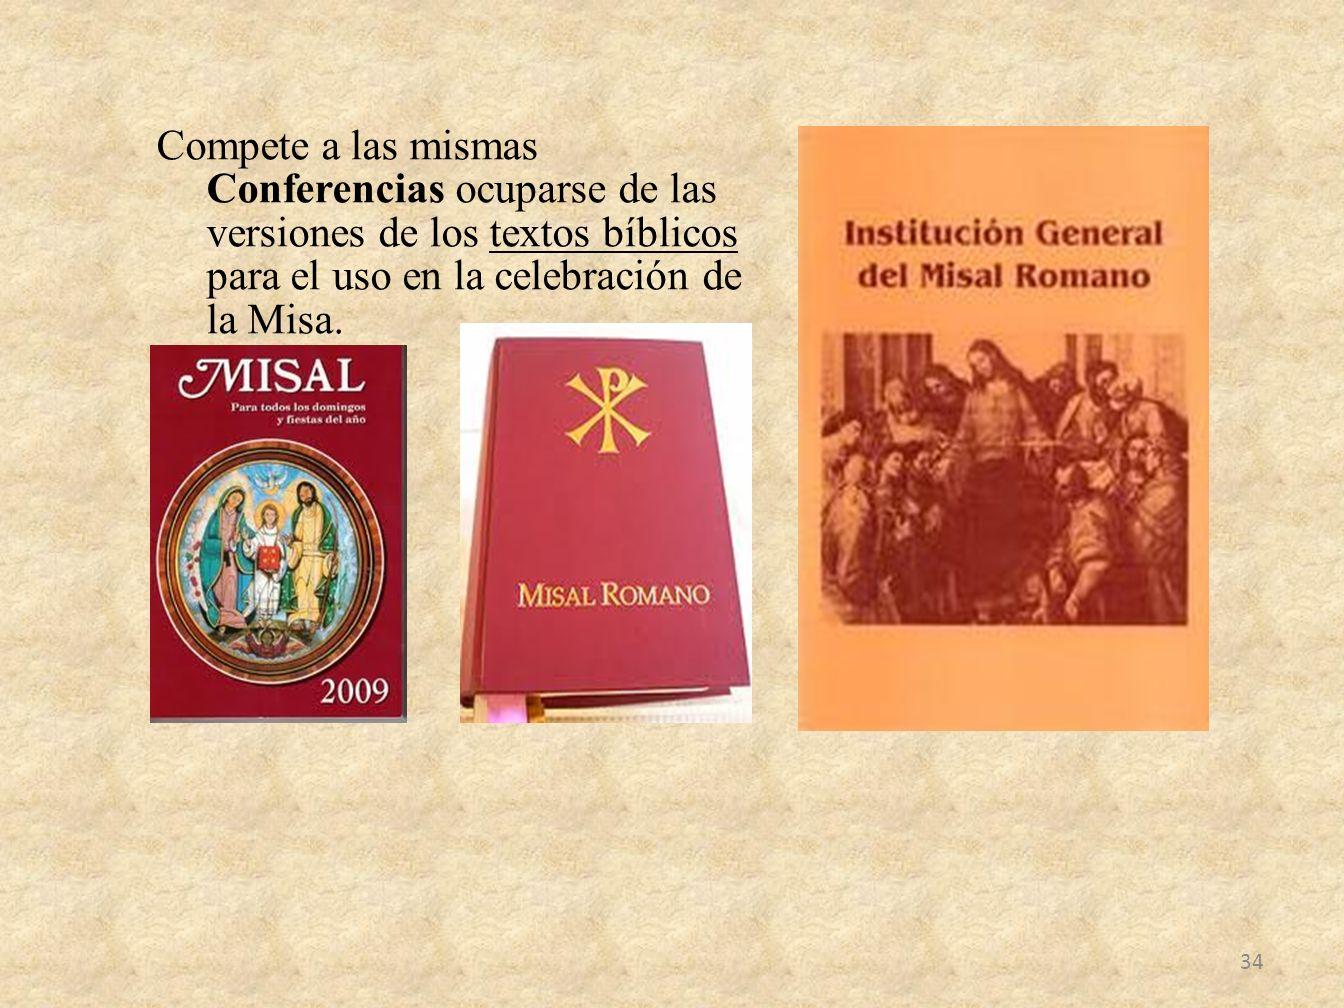 Compete a las mismas Conferencias ocuparse de las versiones de los textos bíblicos para el uso en la celebración de la Misa.